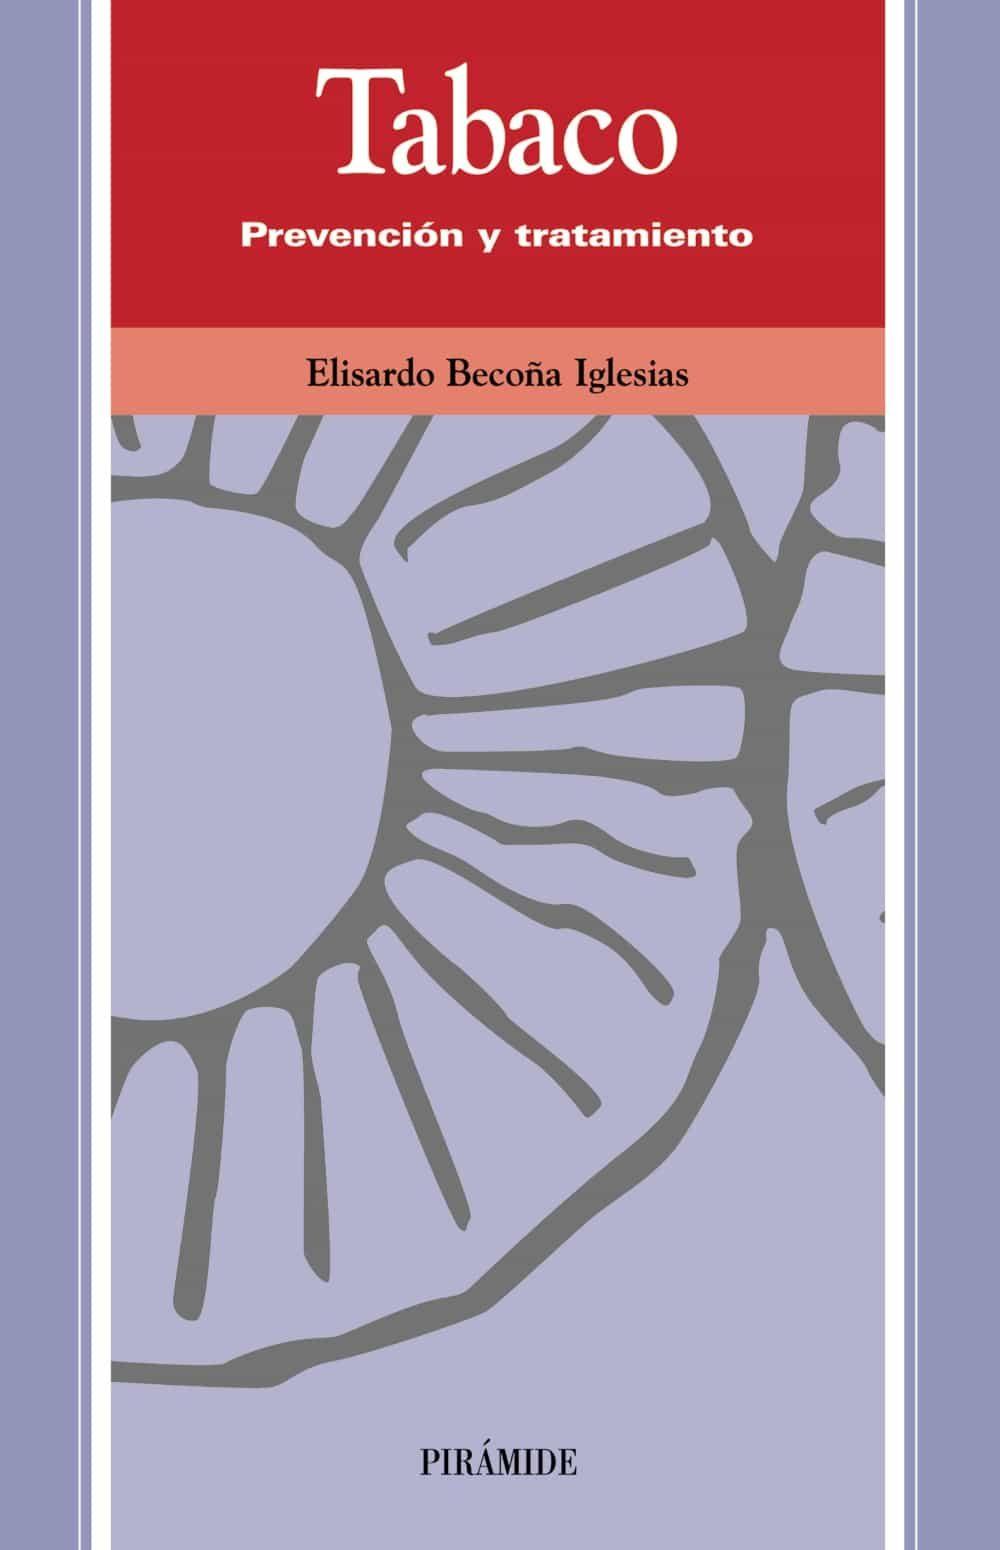 Tabaco: Prevencion Y Tratamiento por Elisardo Becoña Iglesias